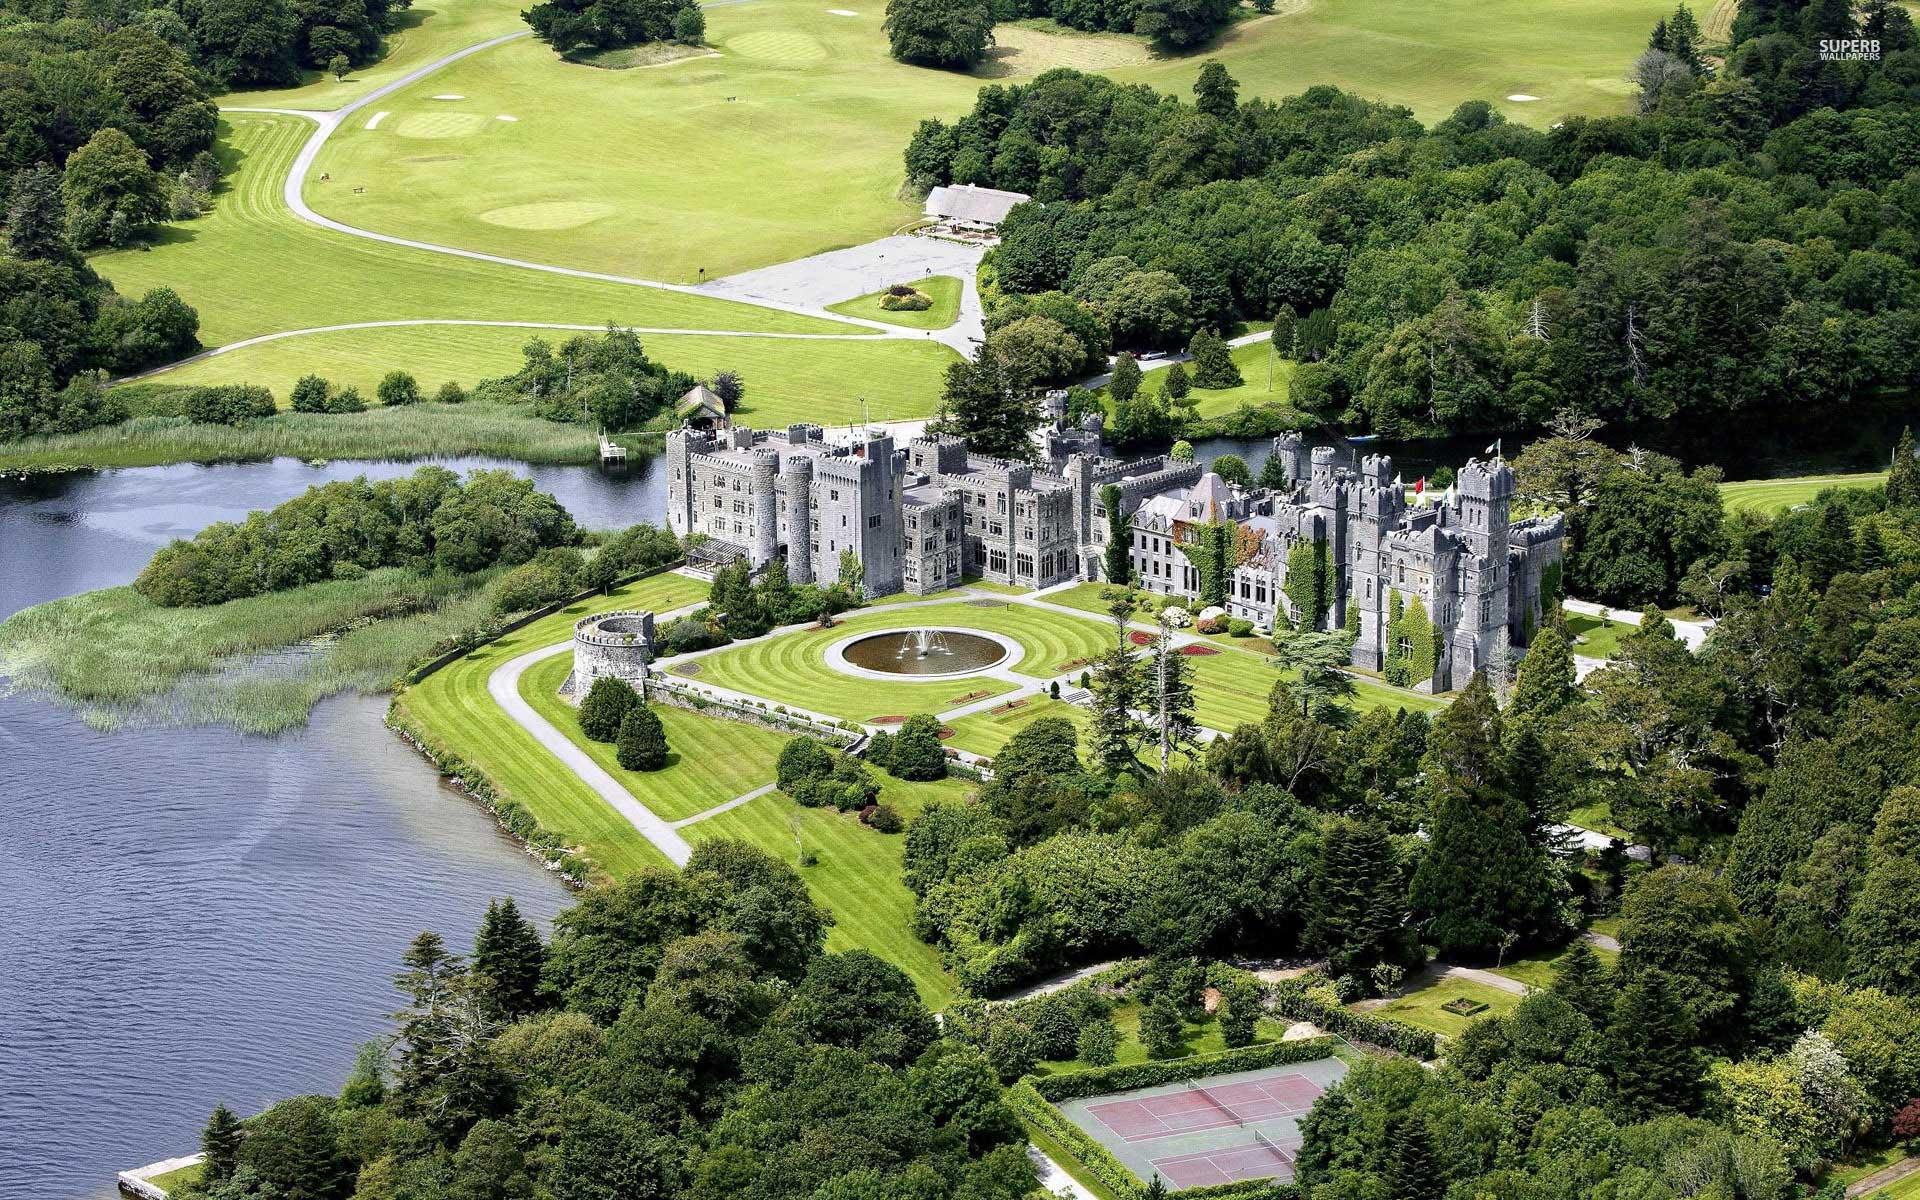 ashford-castle-world-29689-2